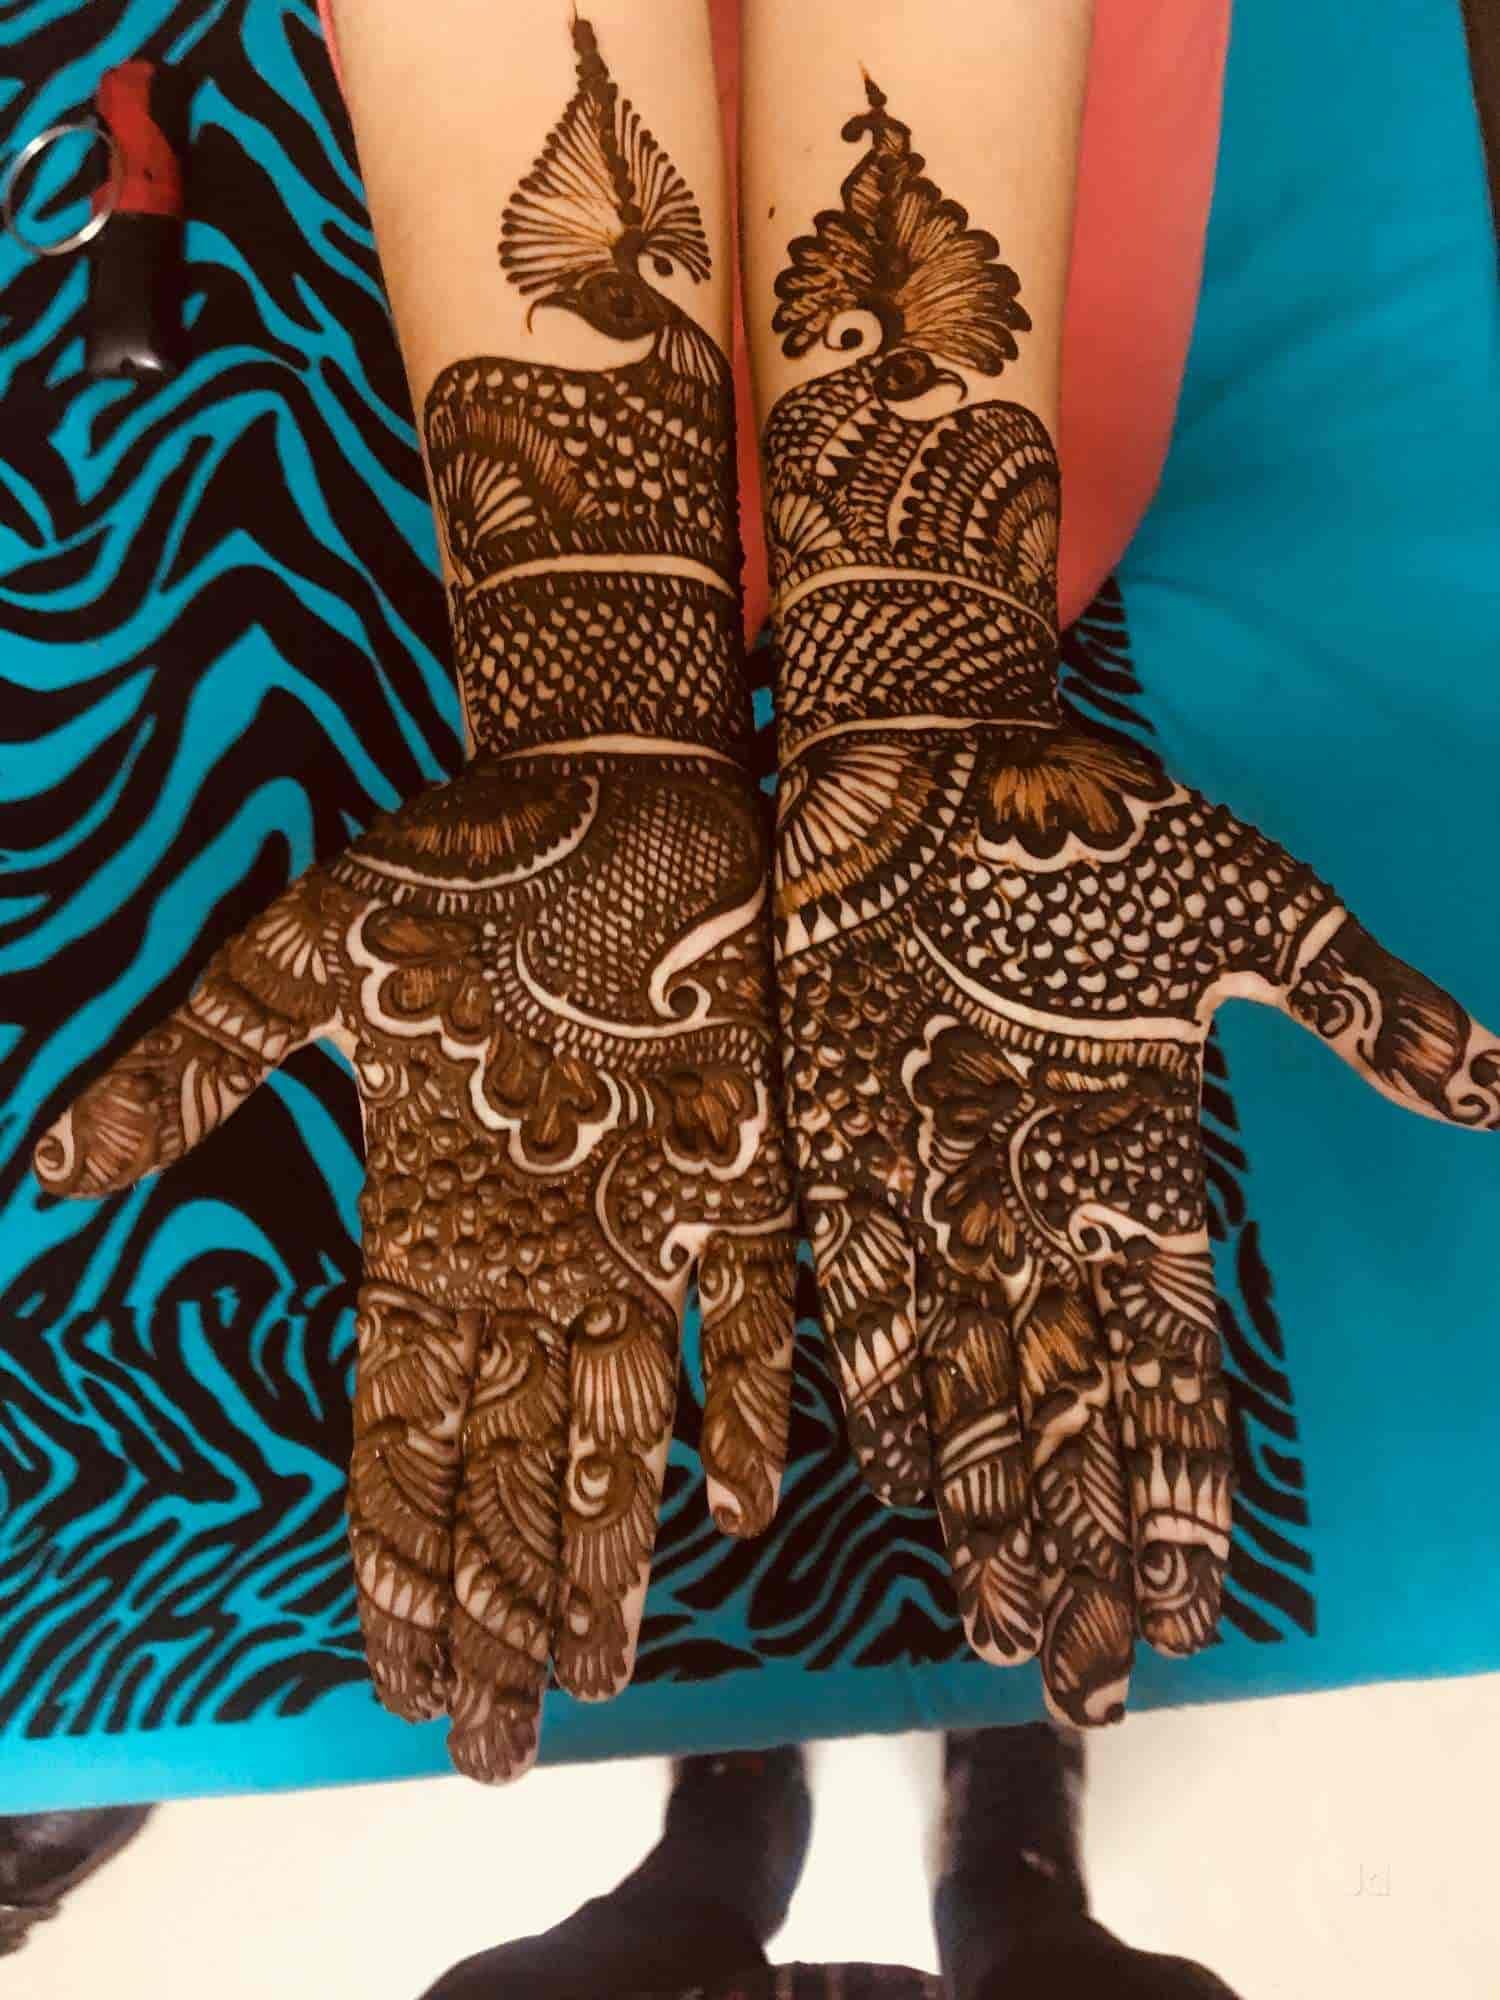 Rohit Mehndi Art, Chandigarh Sector 40c , Bridal Mehendi